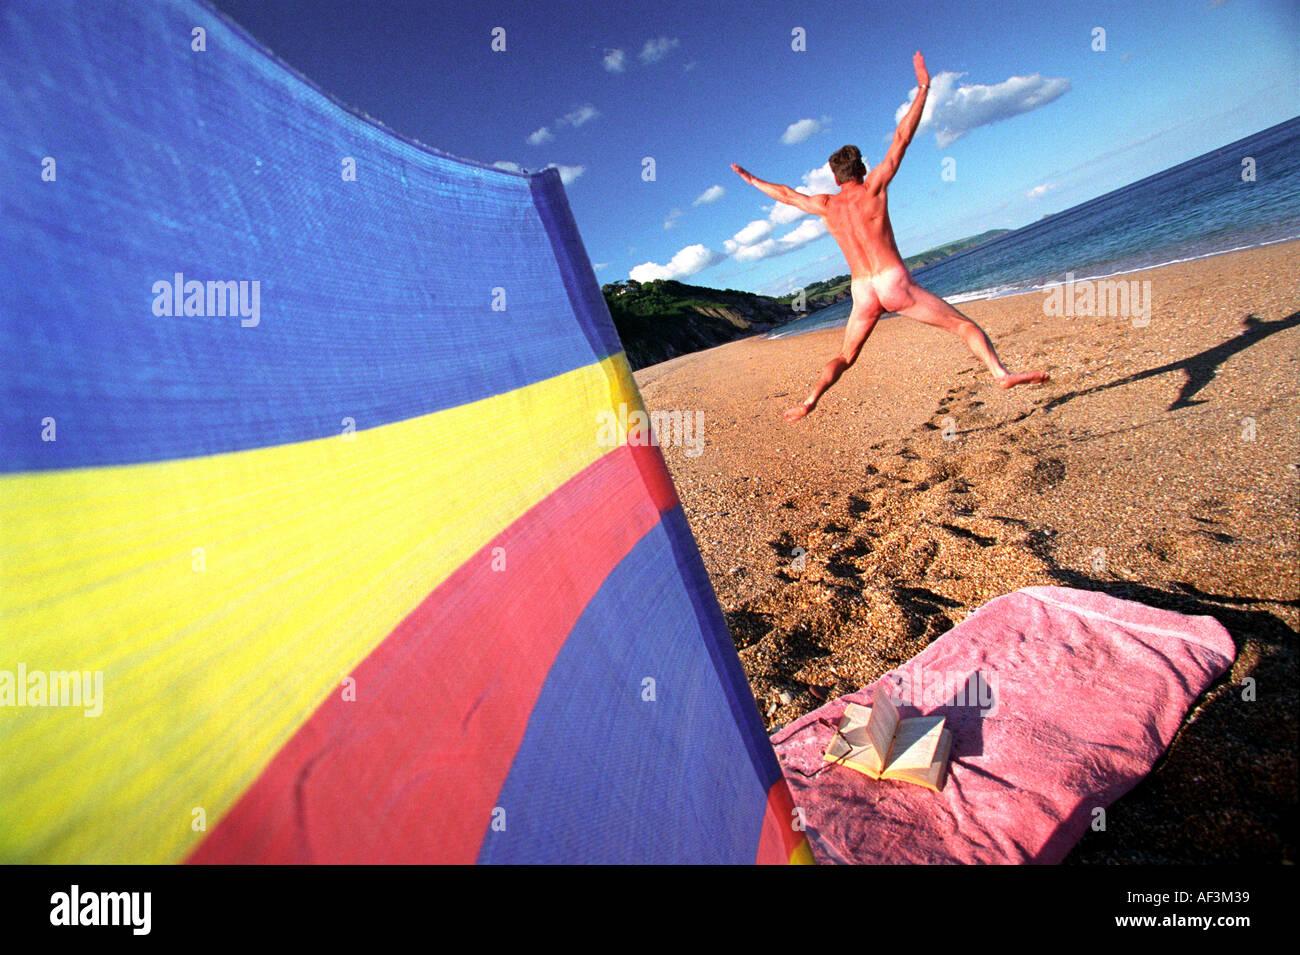 Nude Sunbather Pics 70